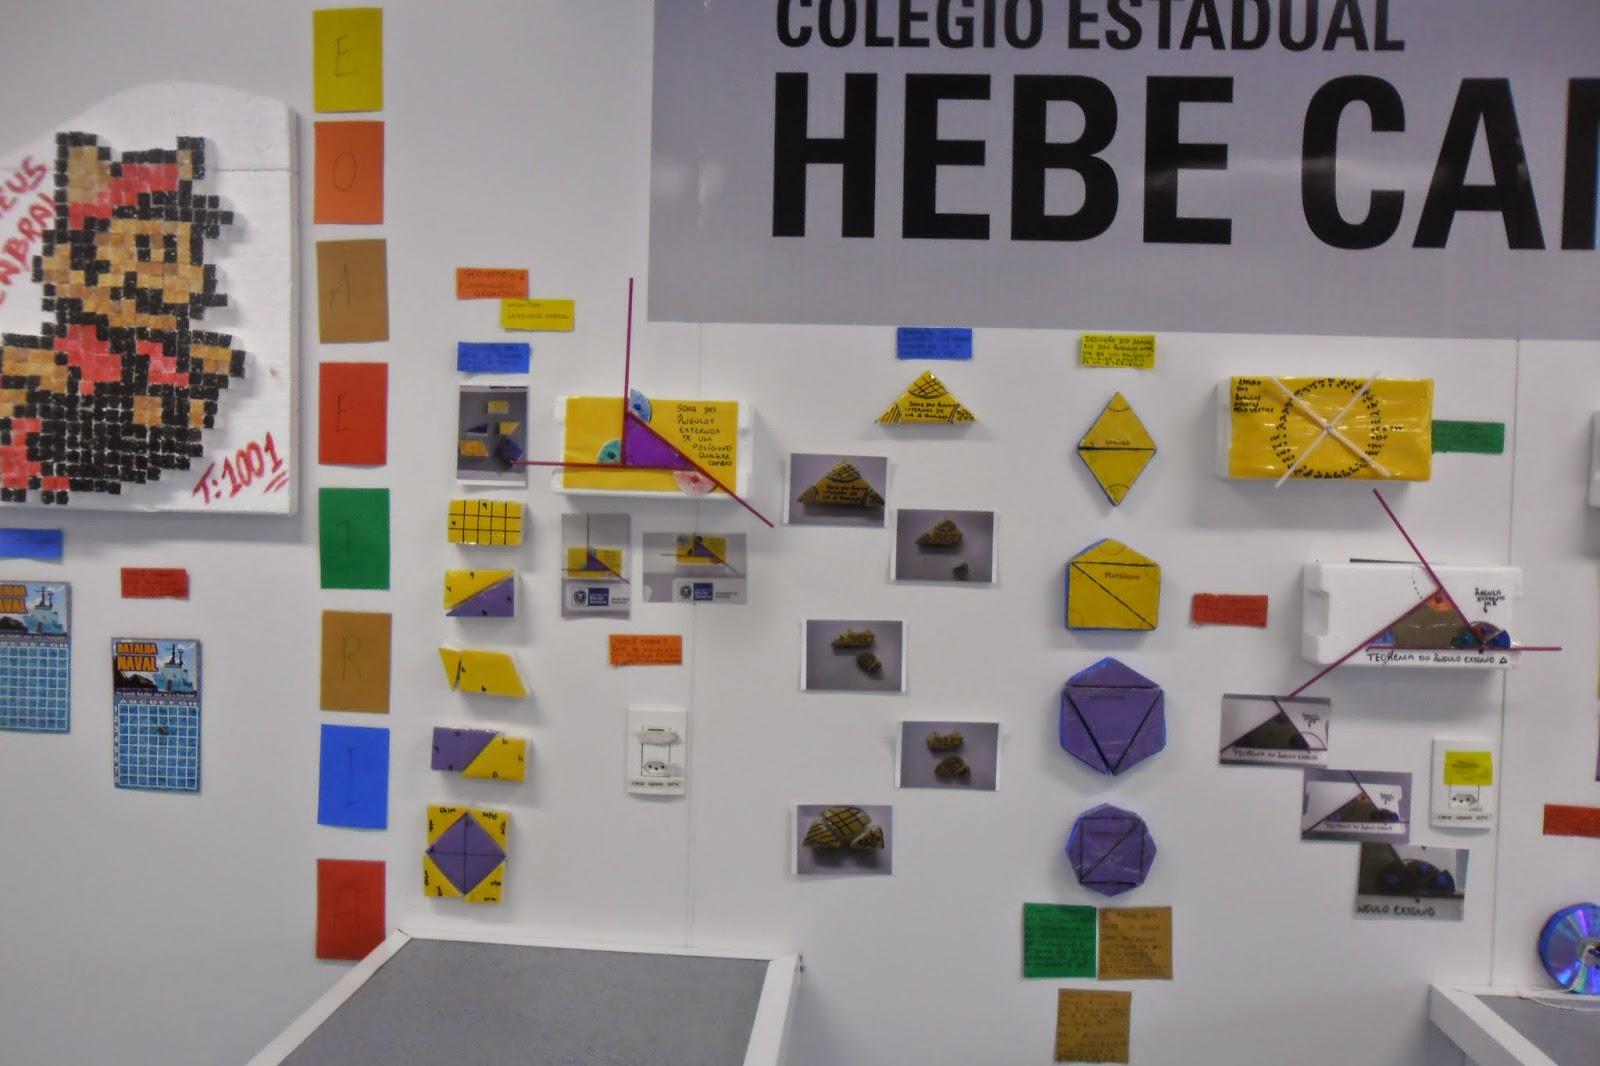 Estação 1: Geometria-Álgebra-Aritmética 1 (Ênfase em Fundamentos Geométricos)